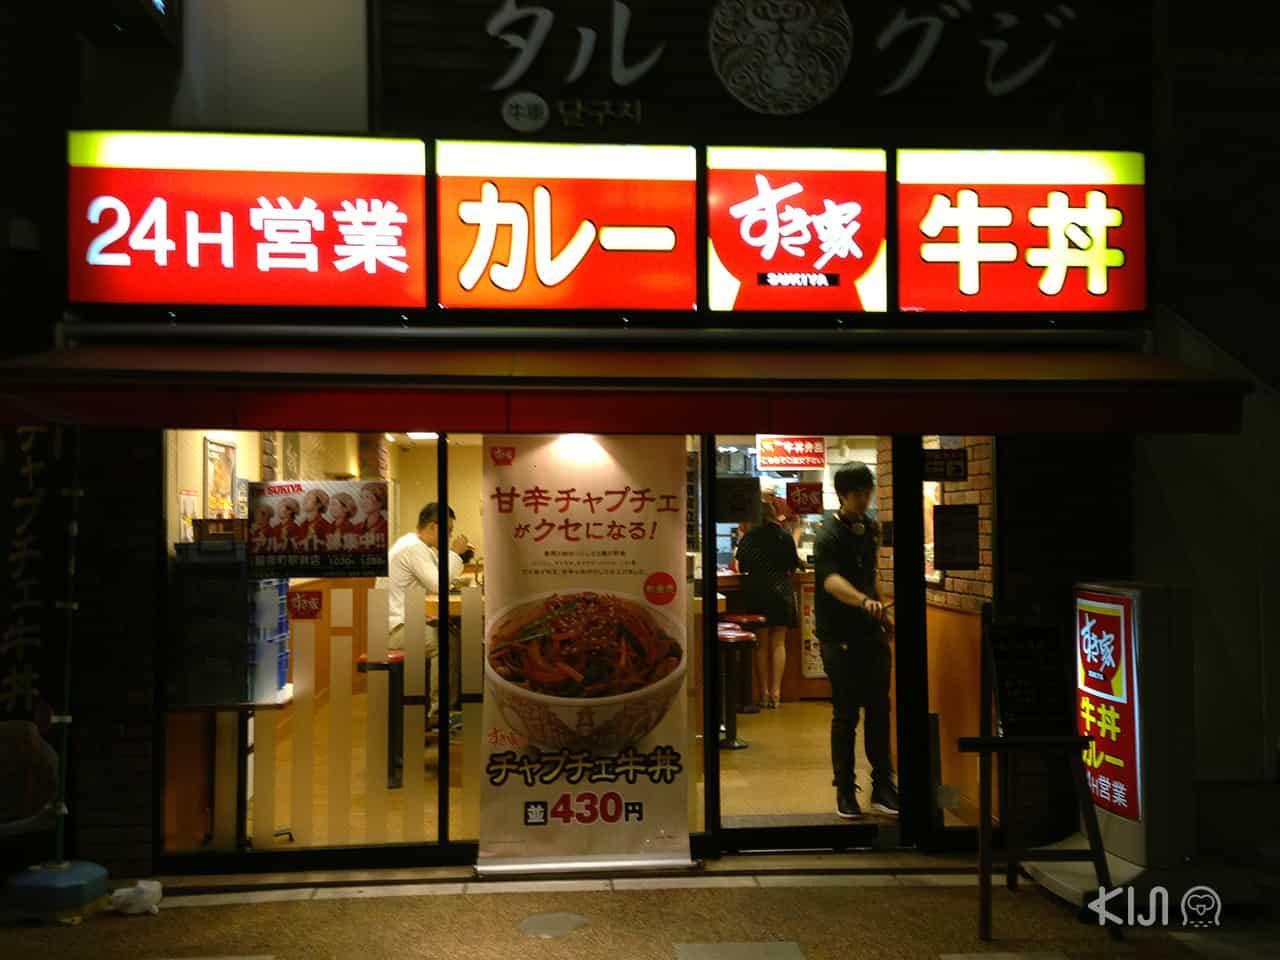 7 เรื่องที่ทำในญี่ปุ่นได้ง่าย : เชนร้านอาหารเร่งด่วน Sukiya